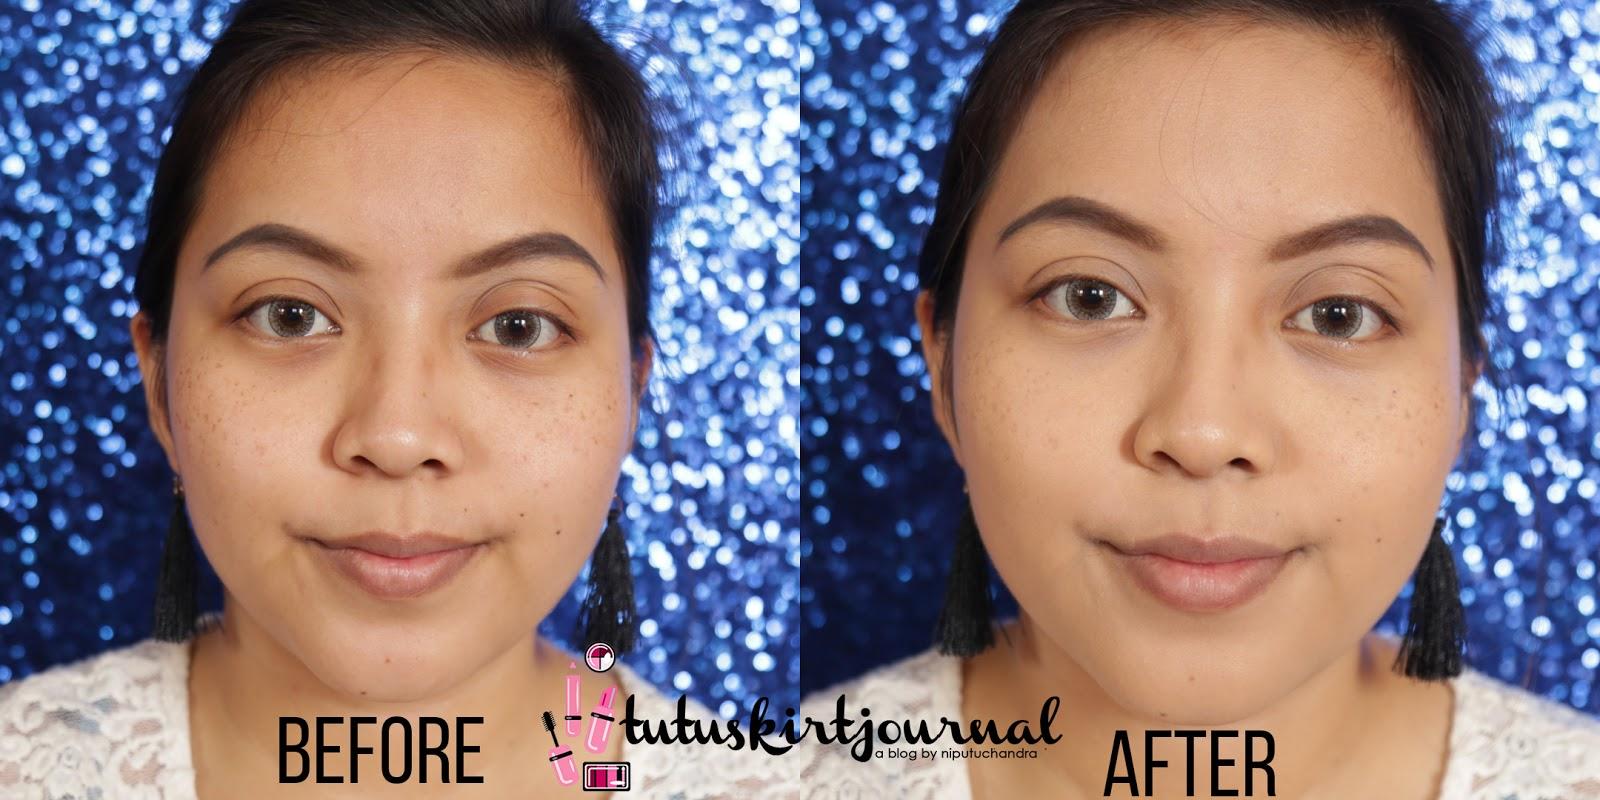 Tutuskirtjournal Review Purbasari Brightening Cool Bb Cream 35ml Sebelum Dan Sesudah Penggunaan Produk